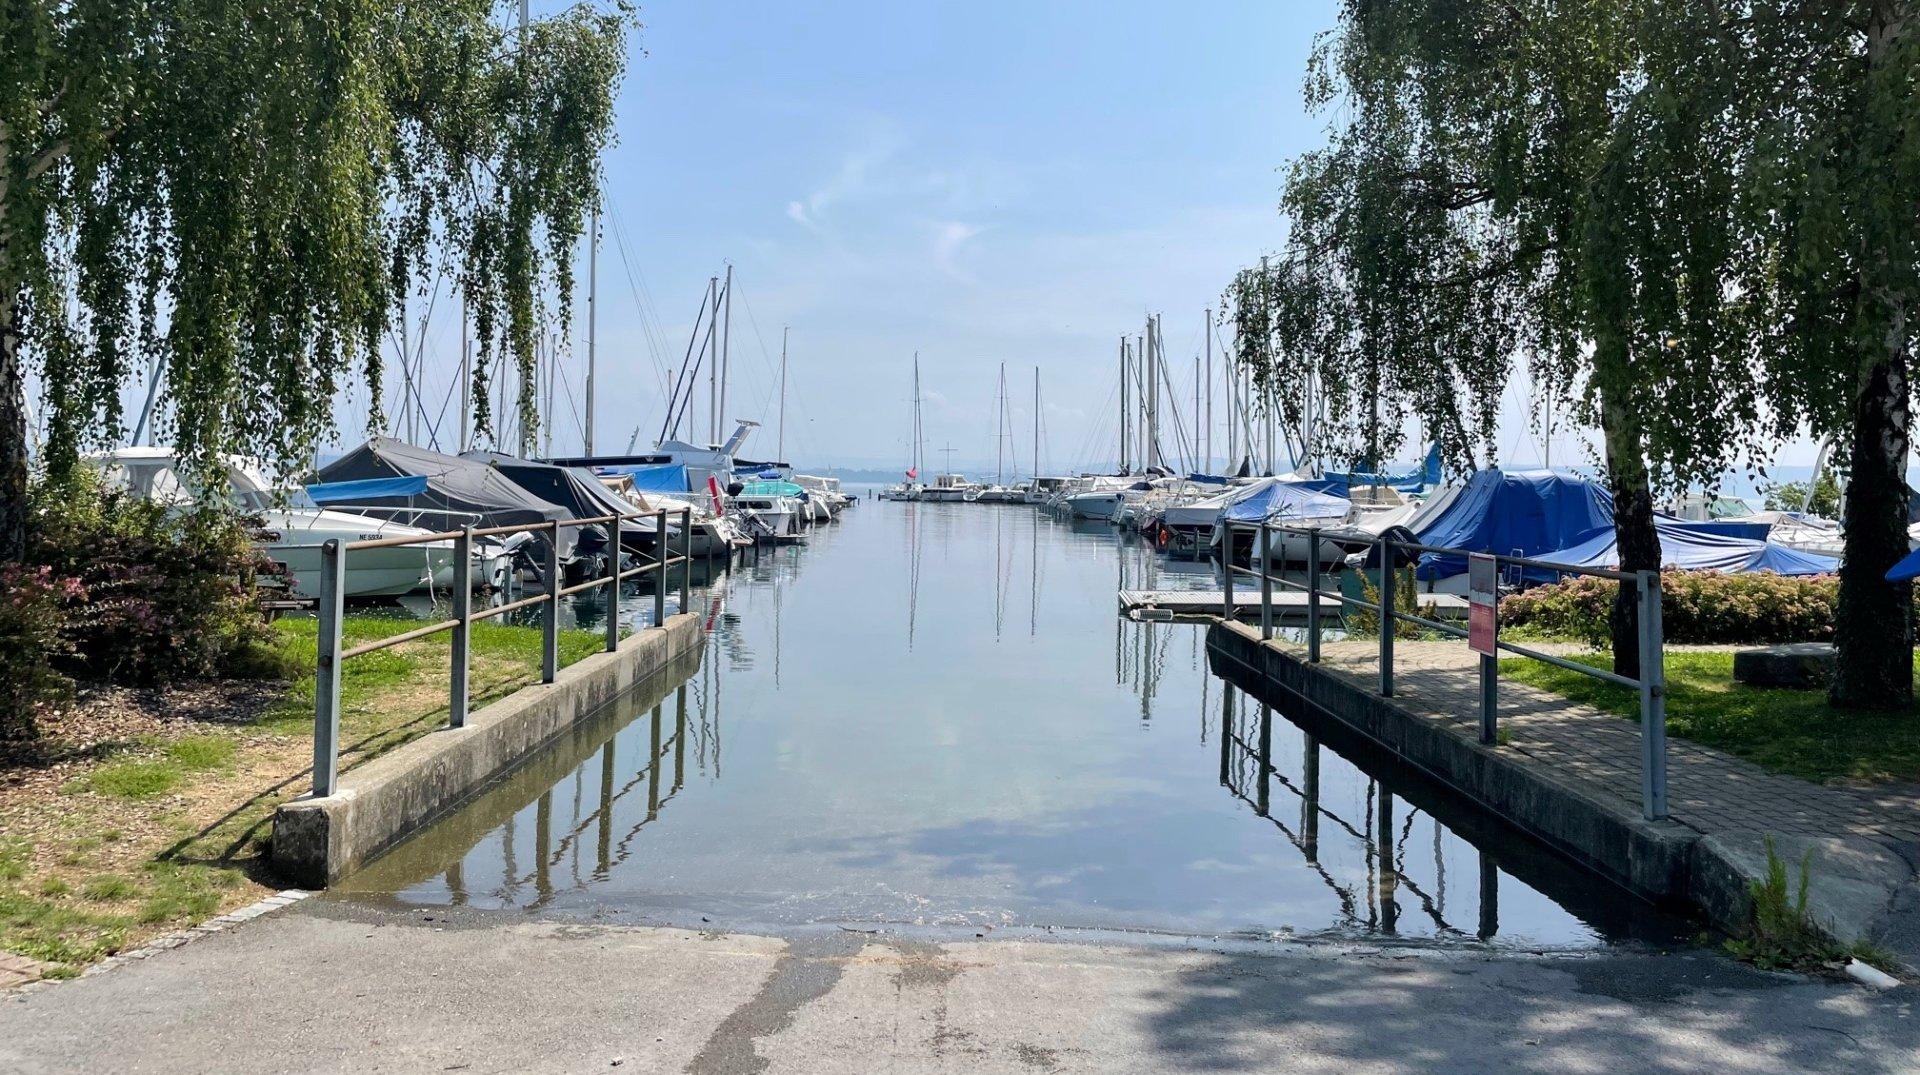 Le lac de Neuchâtel a perdu 3 centimètres en 24 heures